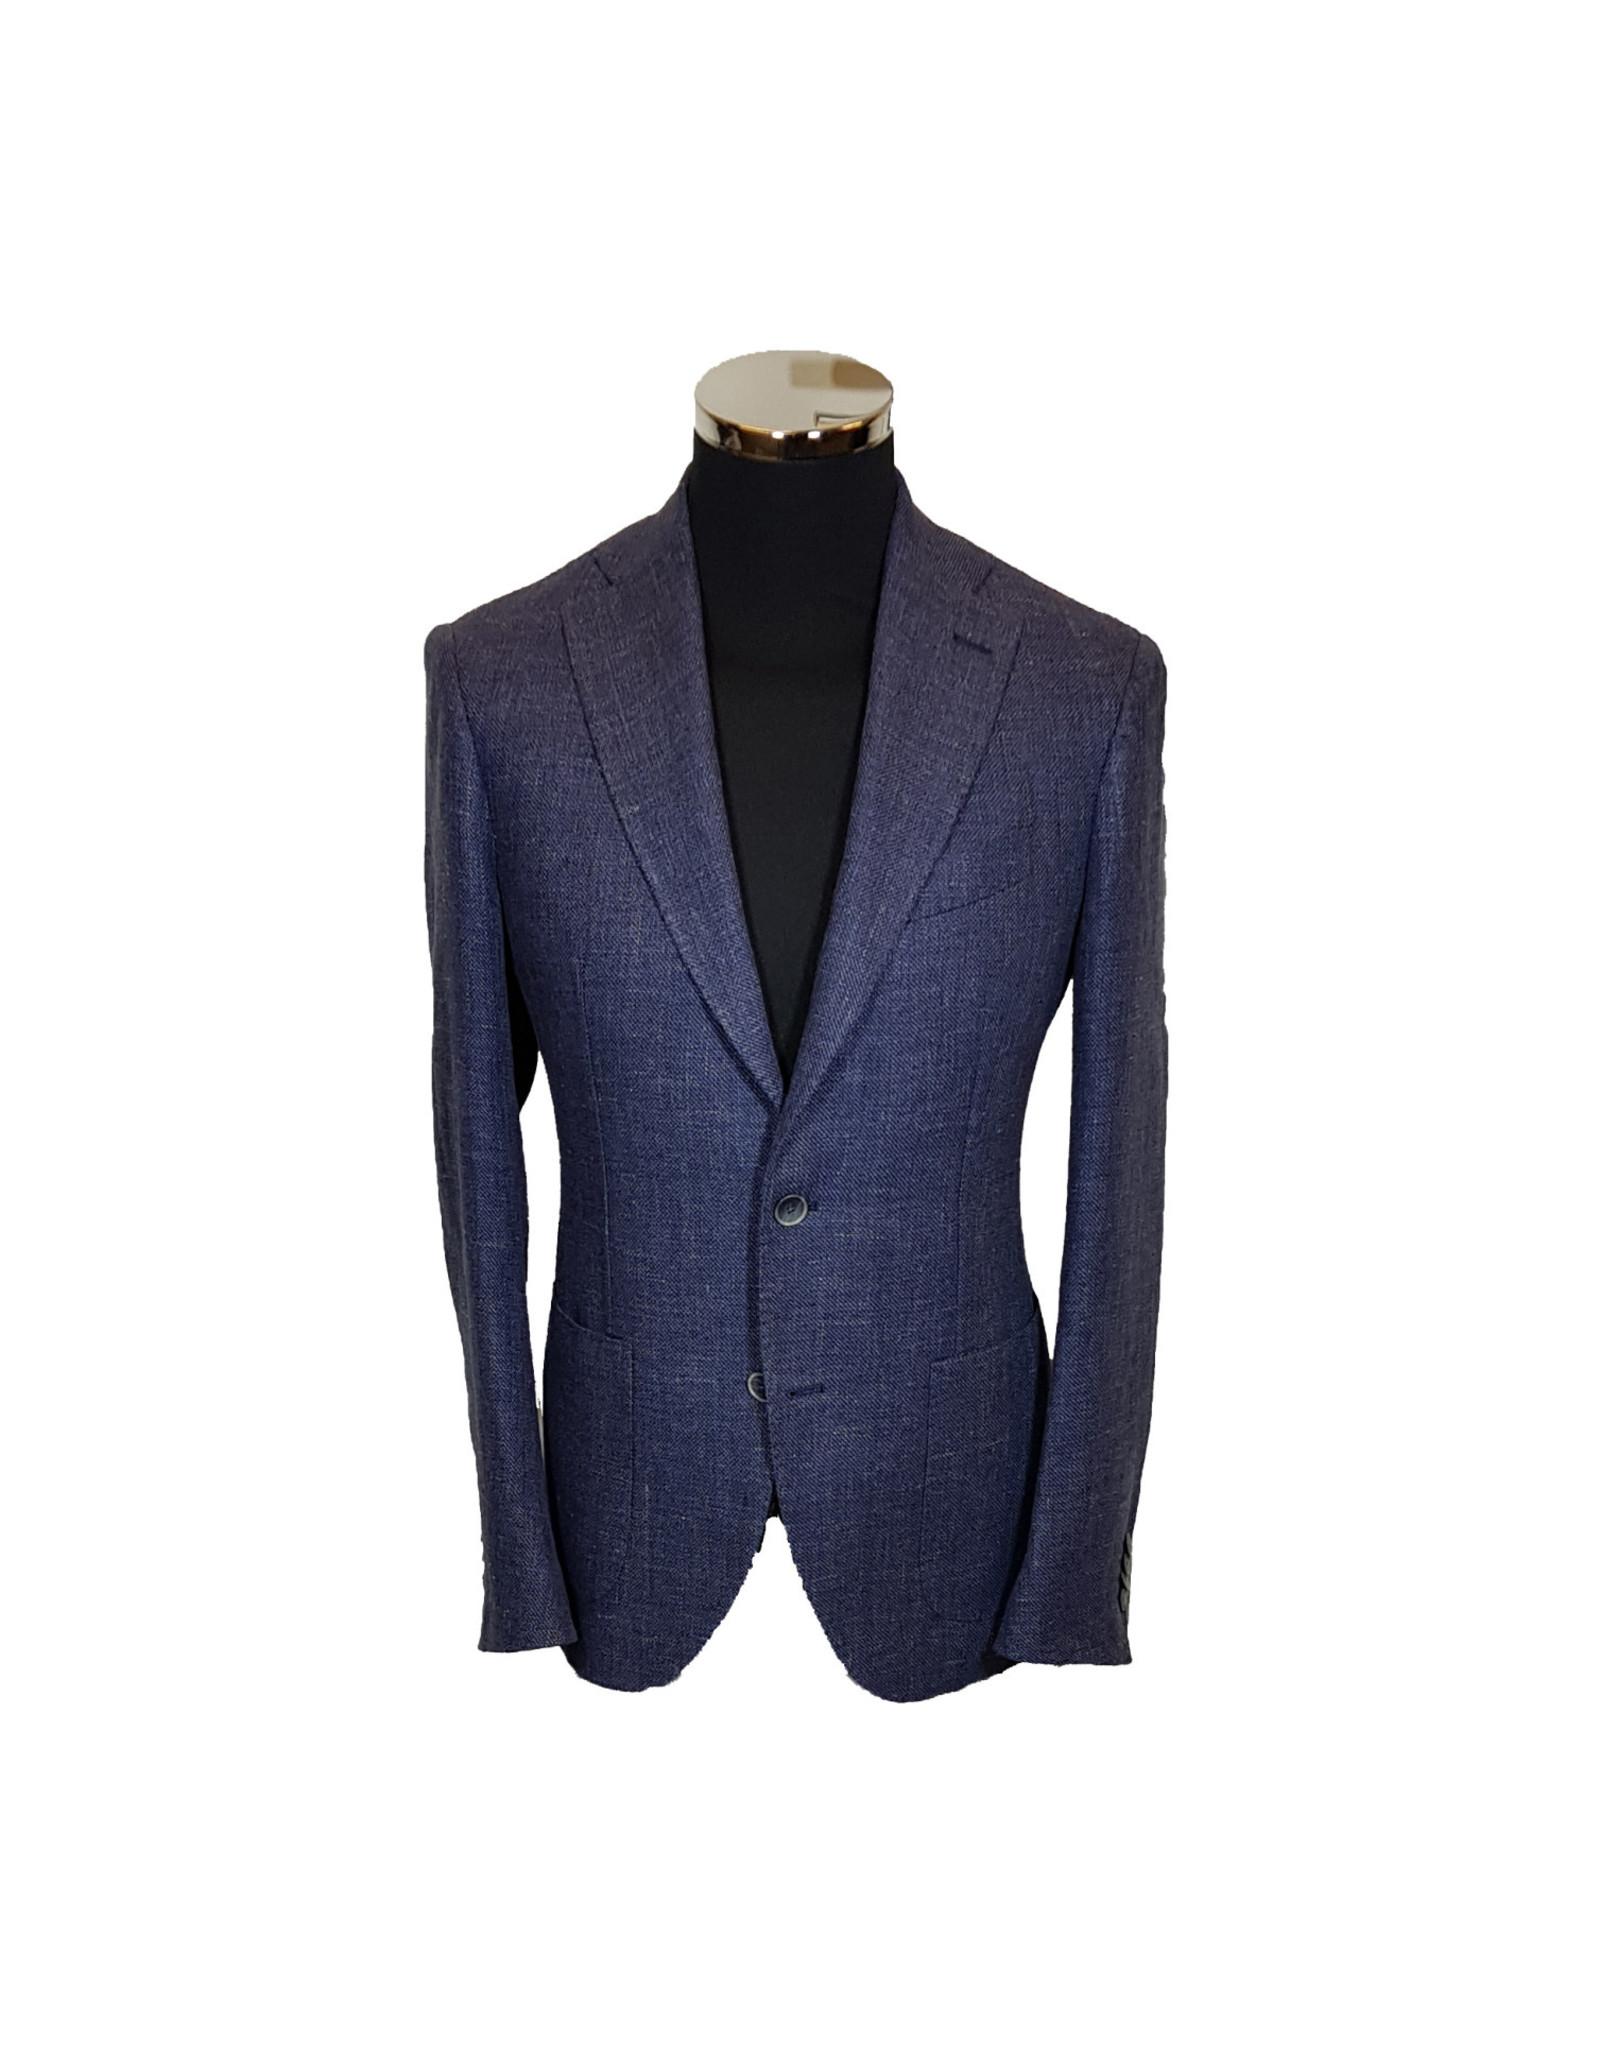 Latorre Gabiati vest blauw U70244/4